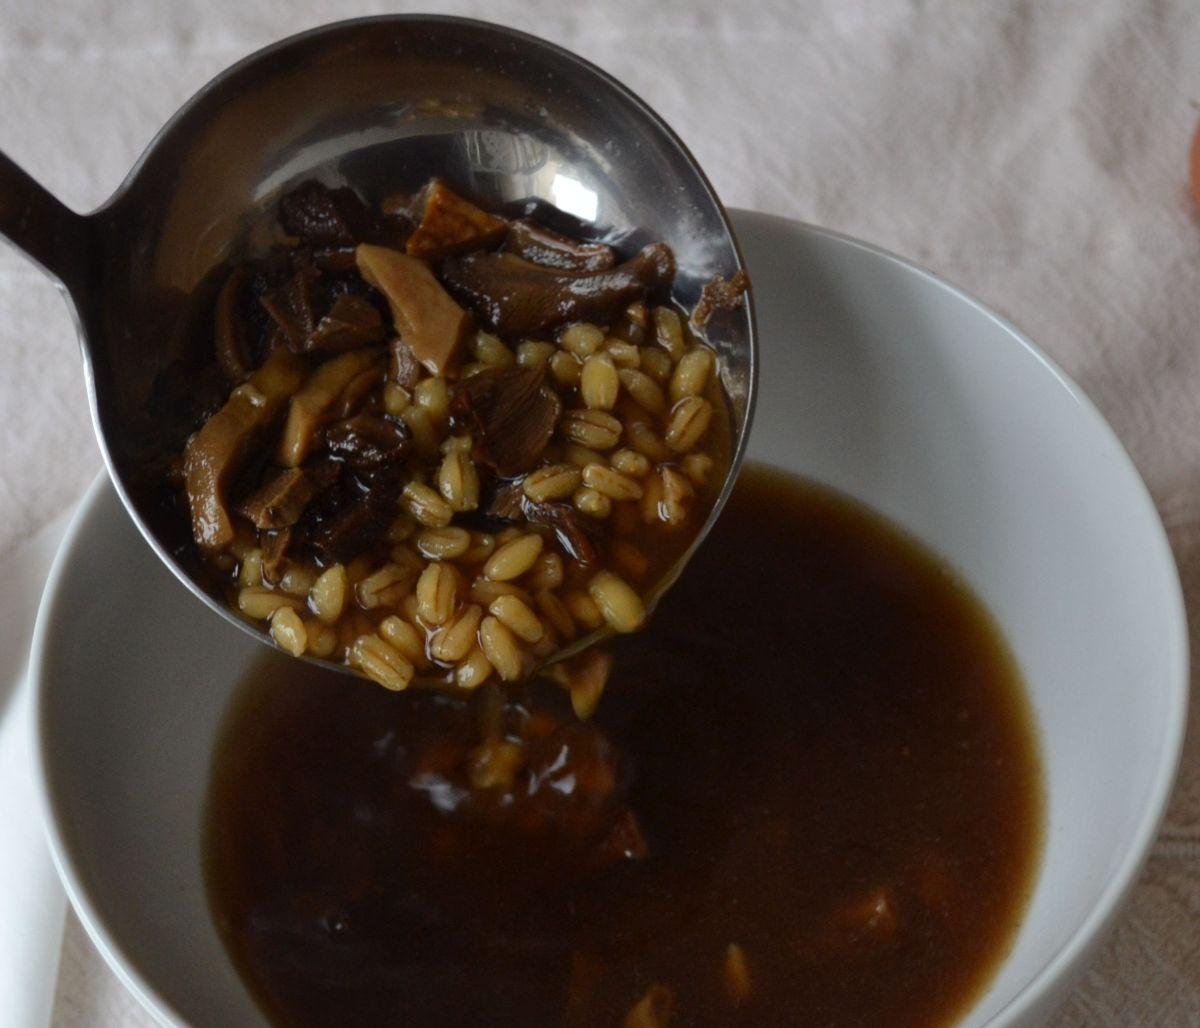 Polish Mushroom Barley Soup (Krupnik)